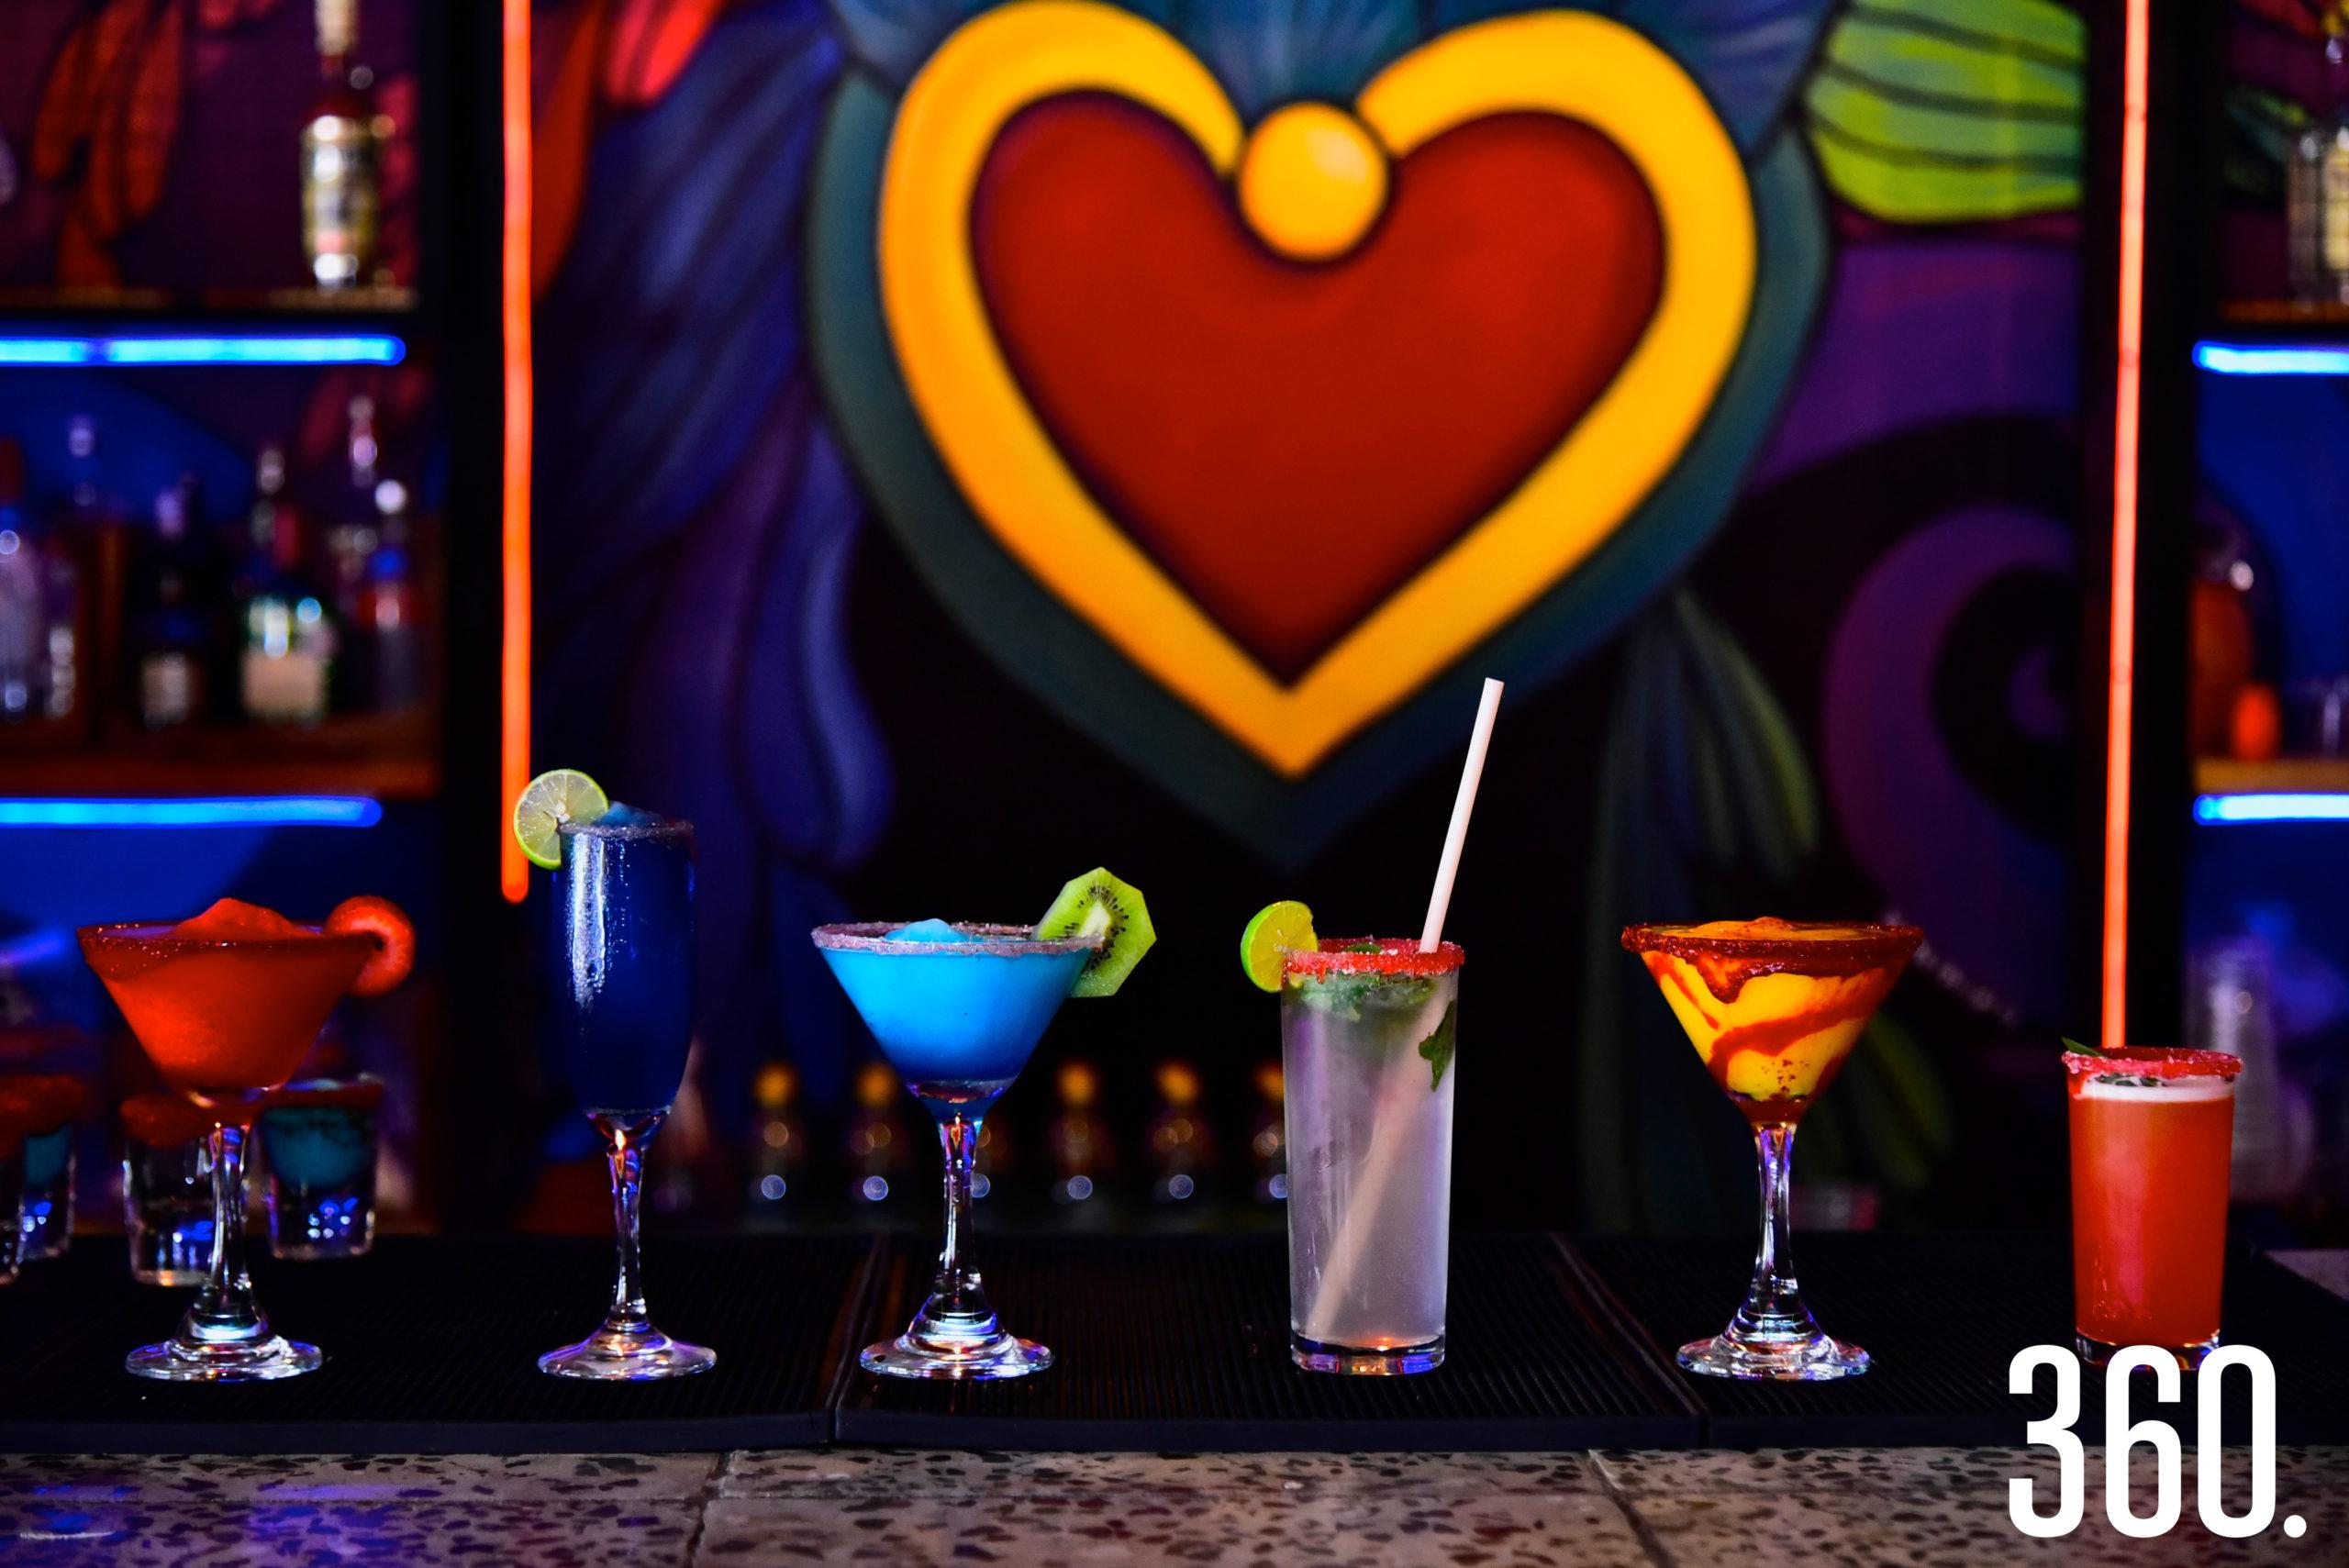 Los clientes podrán disfrutar de deliciosas bebidas.